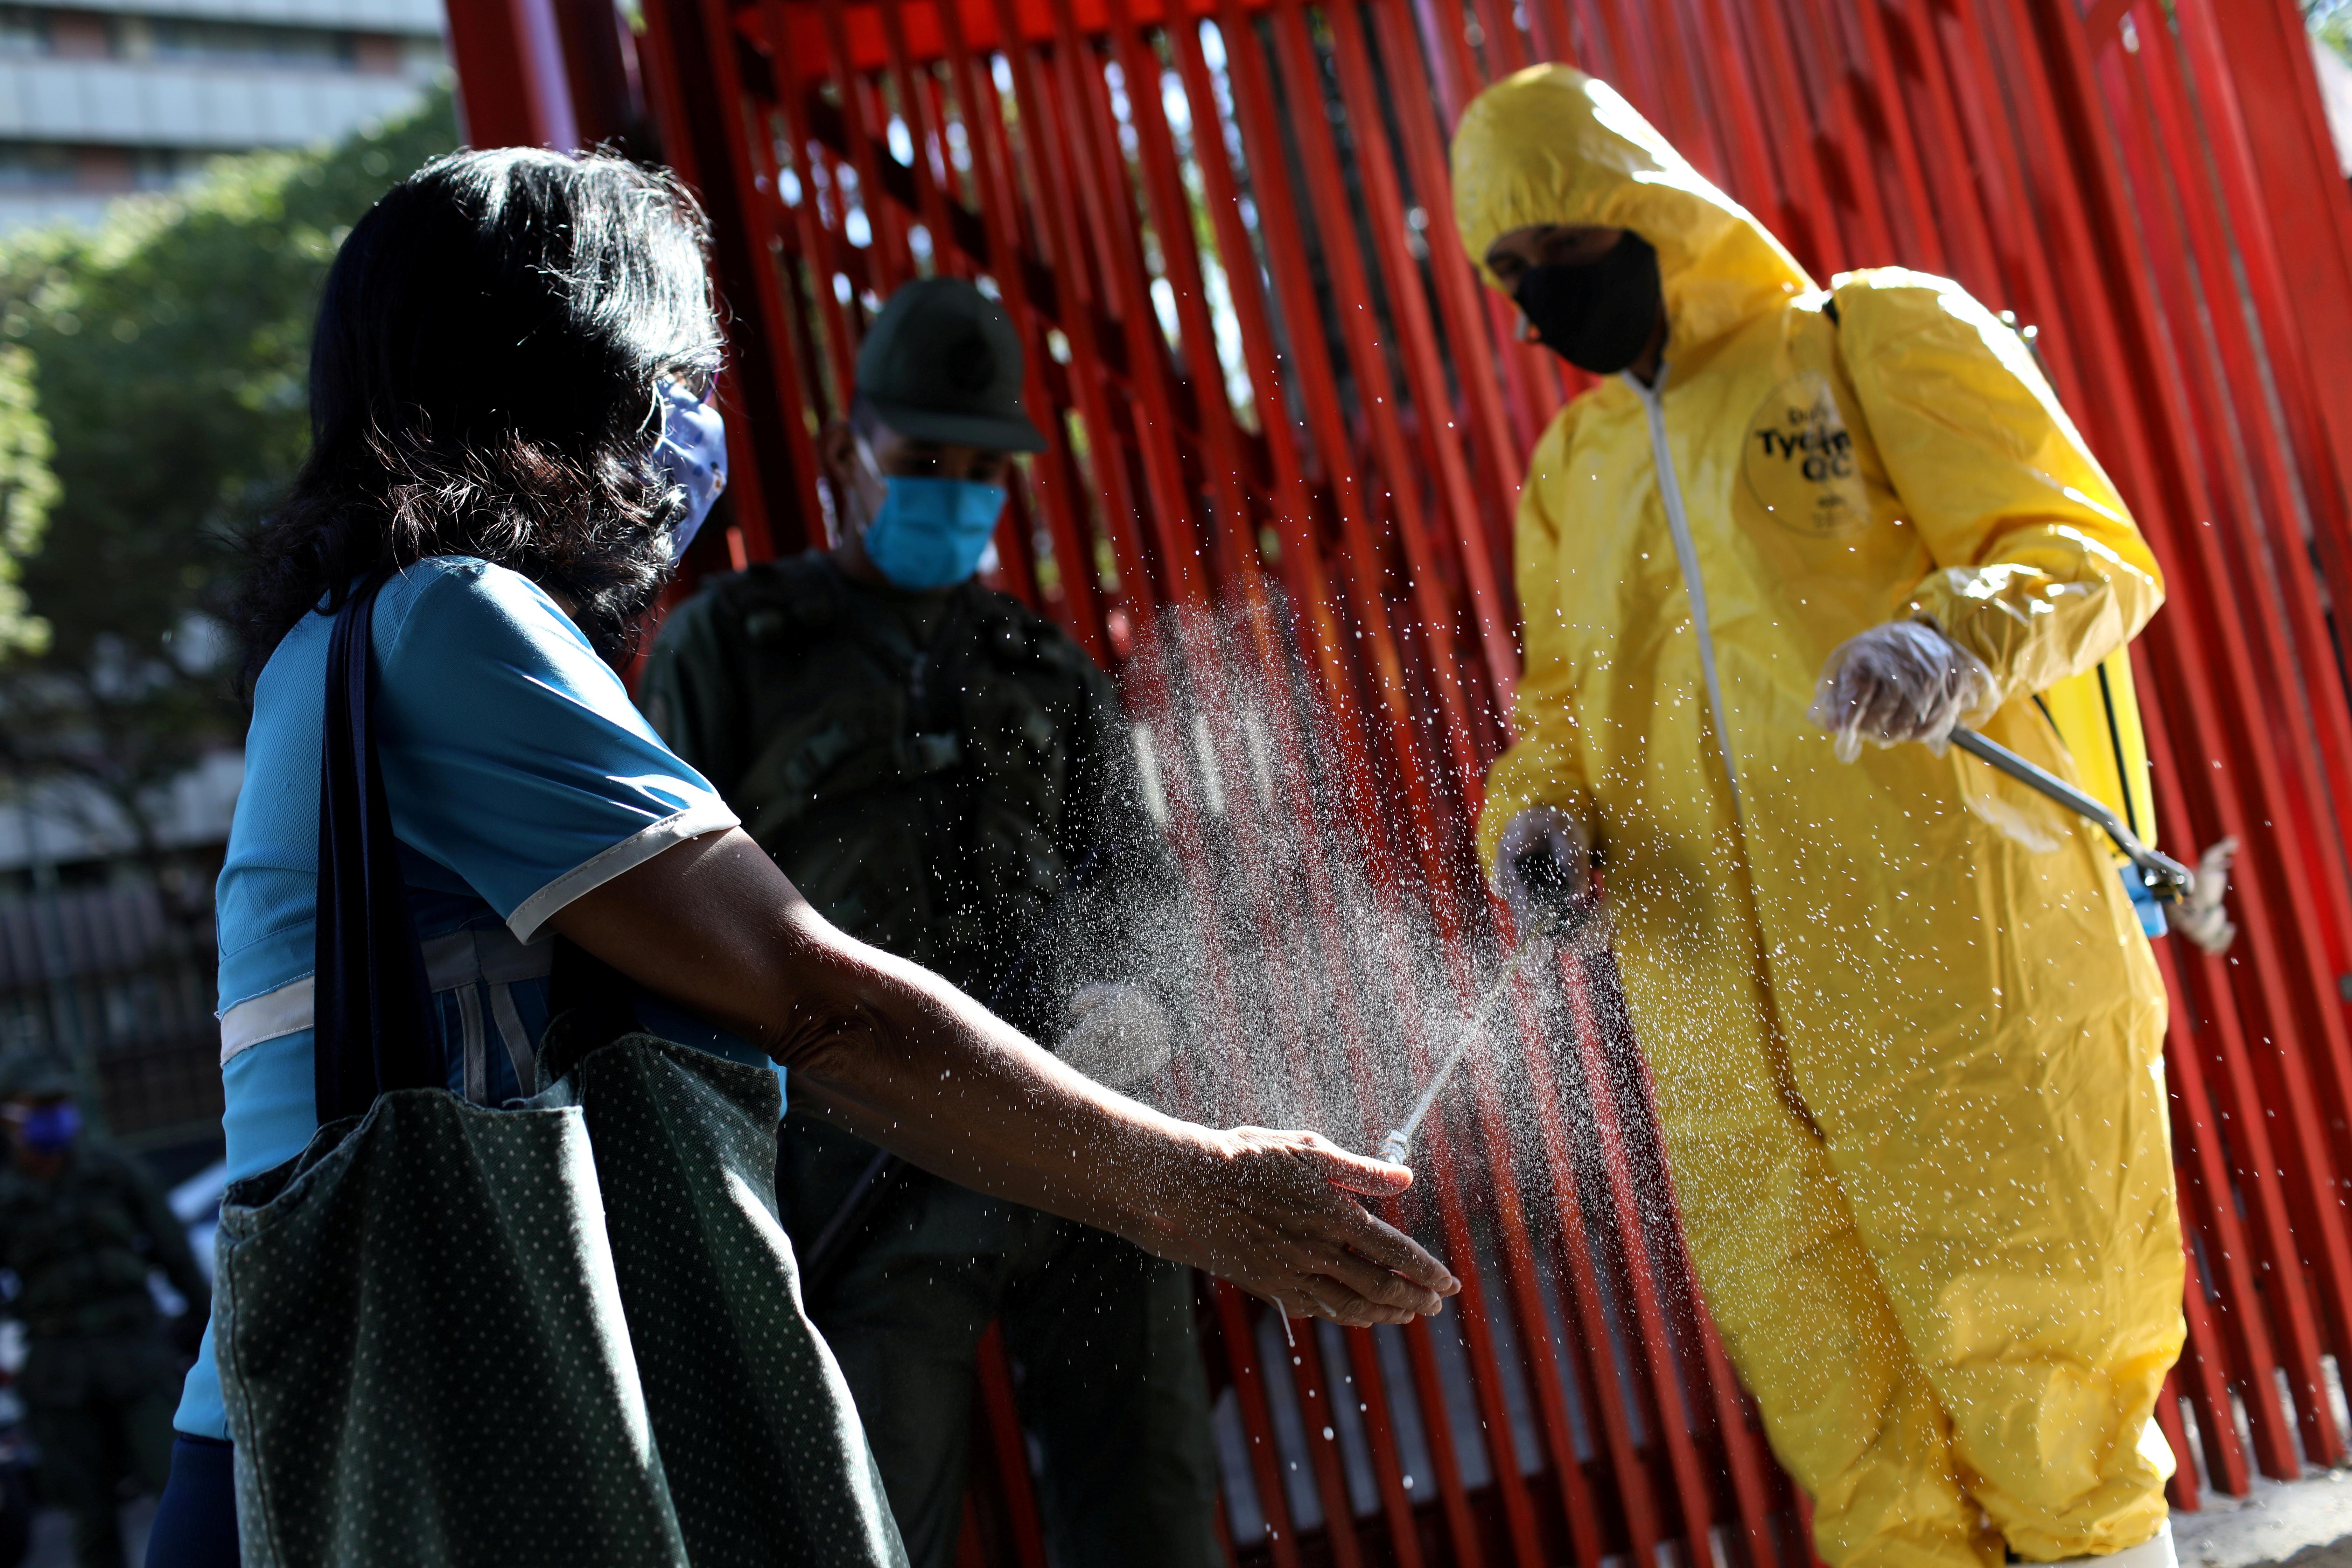 Un trabajador limpia las manos de una venezolana en Caracas (REUTERS/Manaure Quintero)